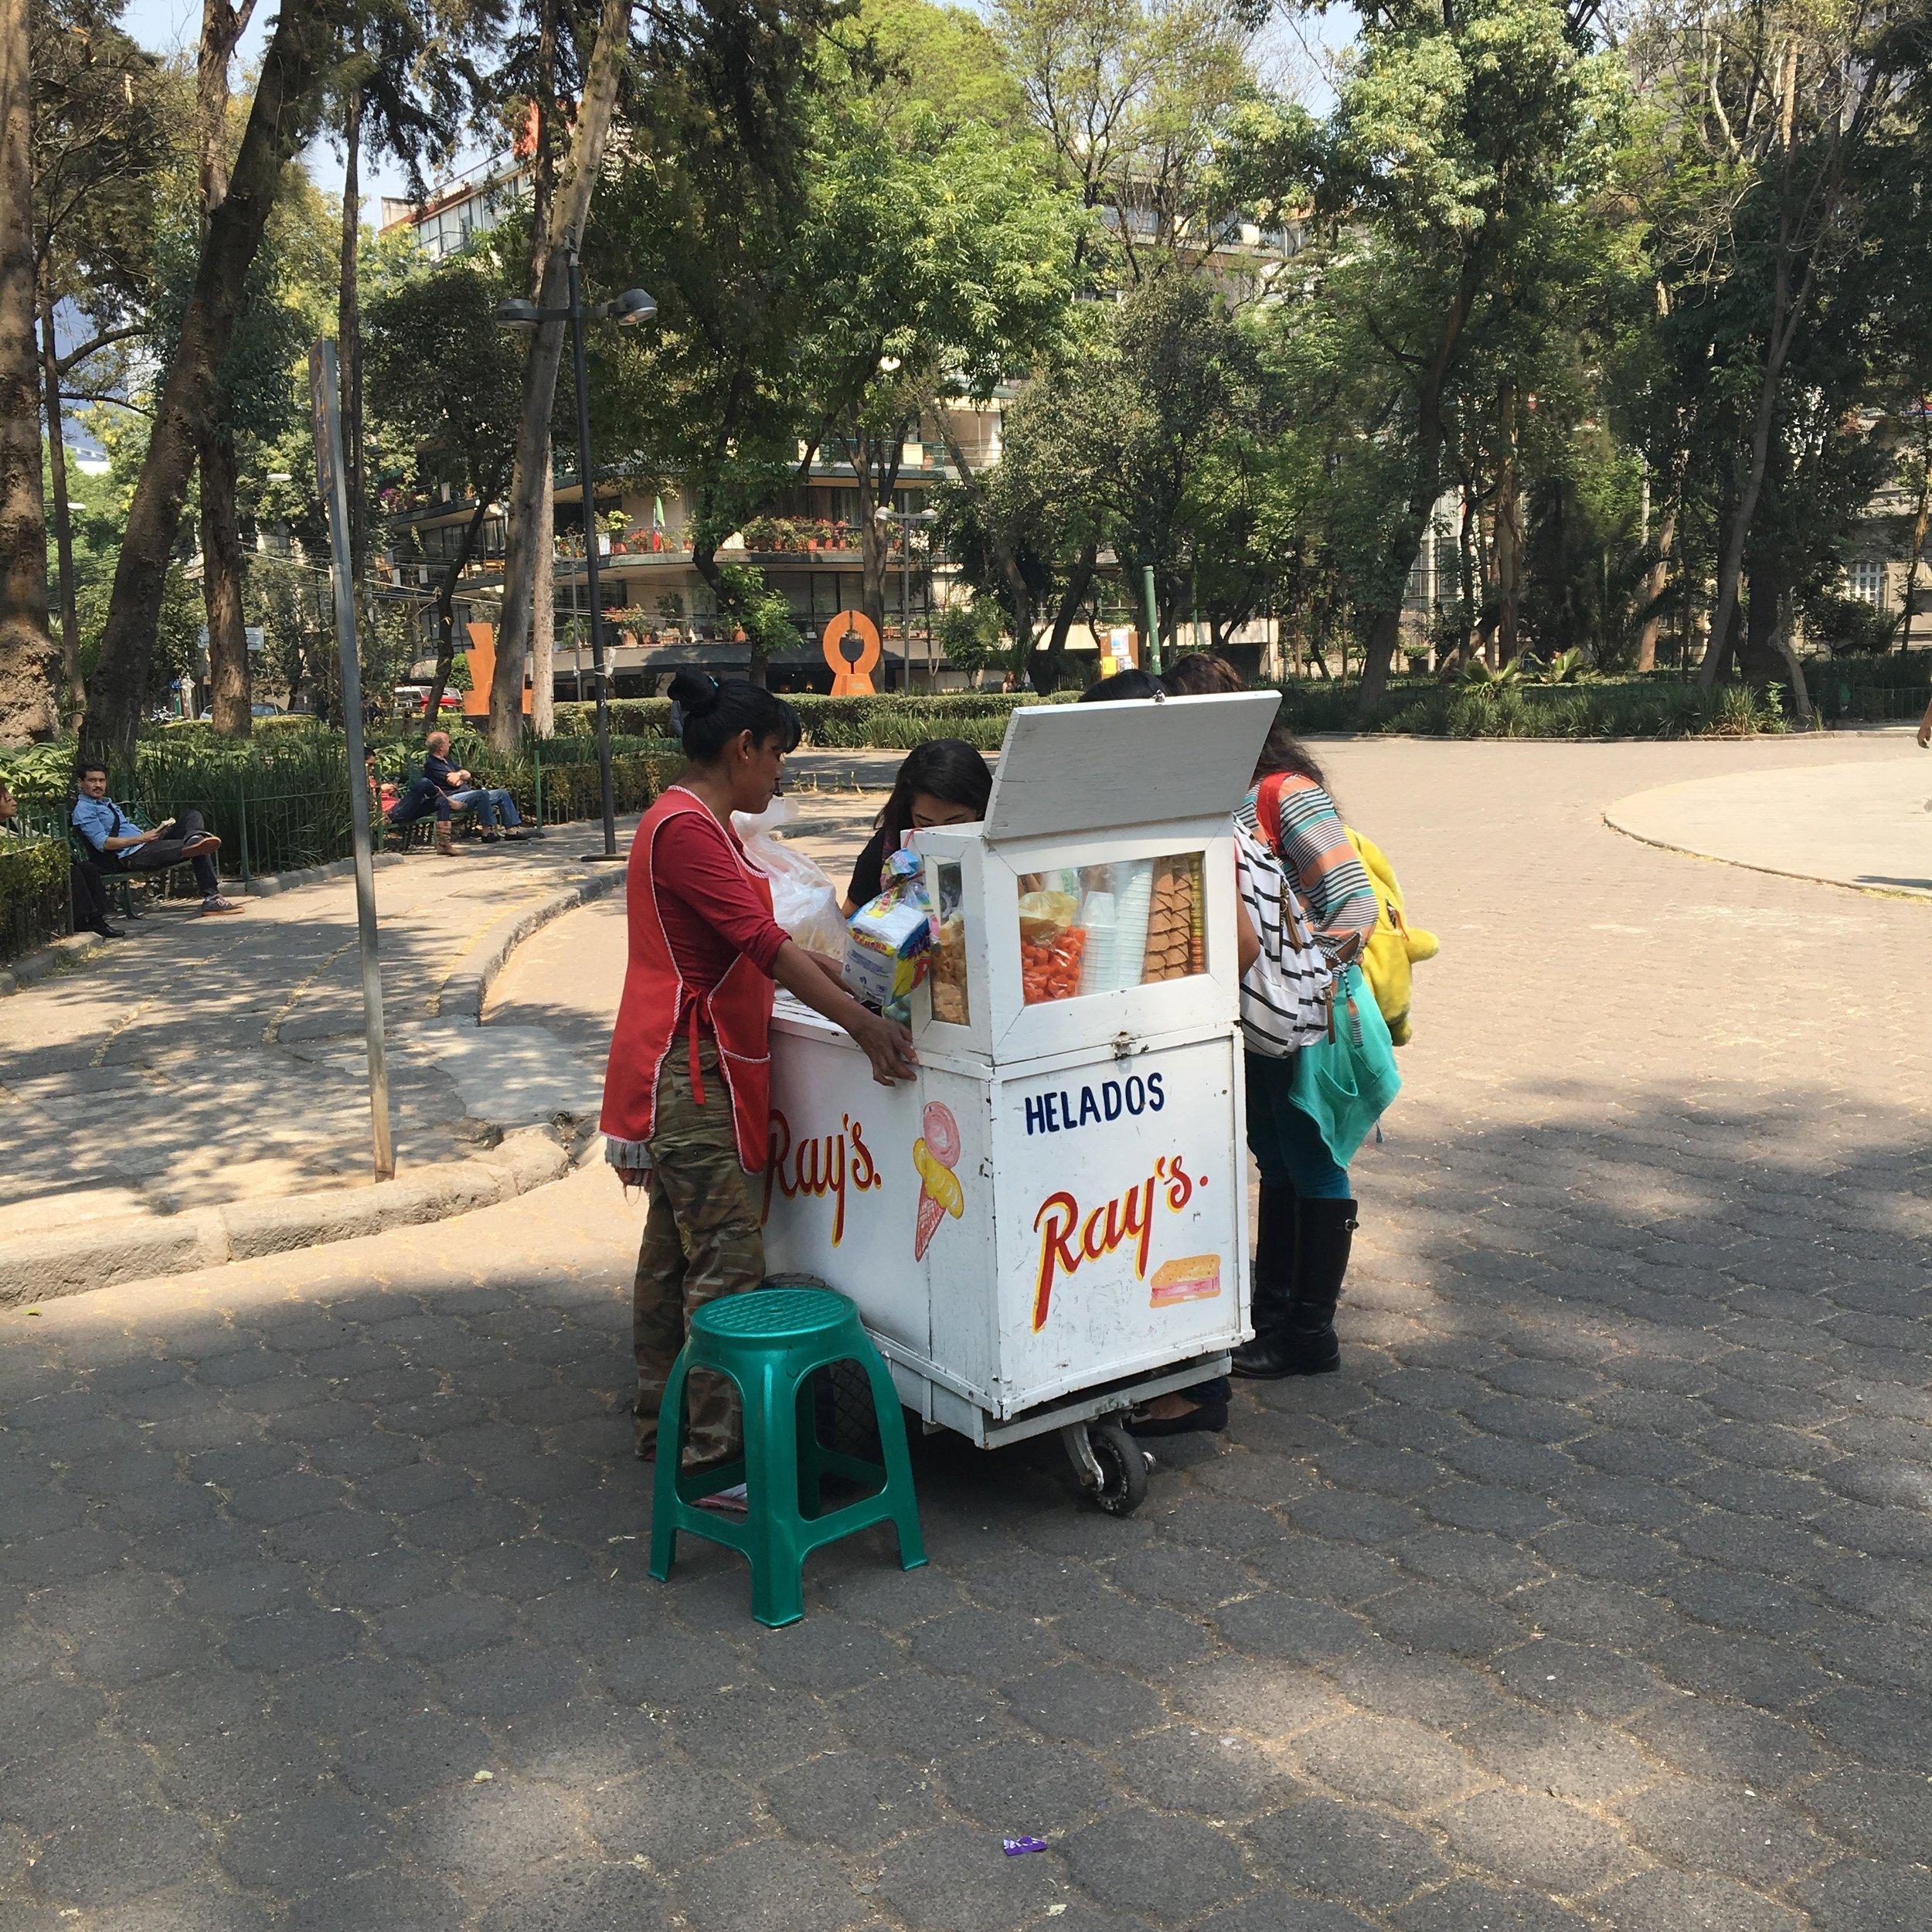 Ice Cream Vendor / Plaza Rio de Janeiro, Mexico City / ©2016 Melody Jean Moulton